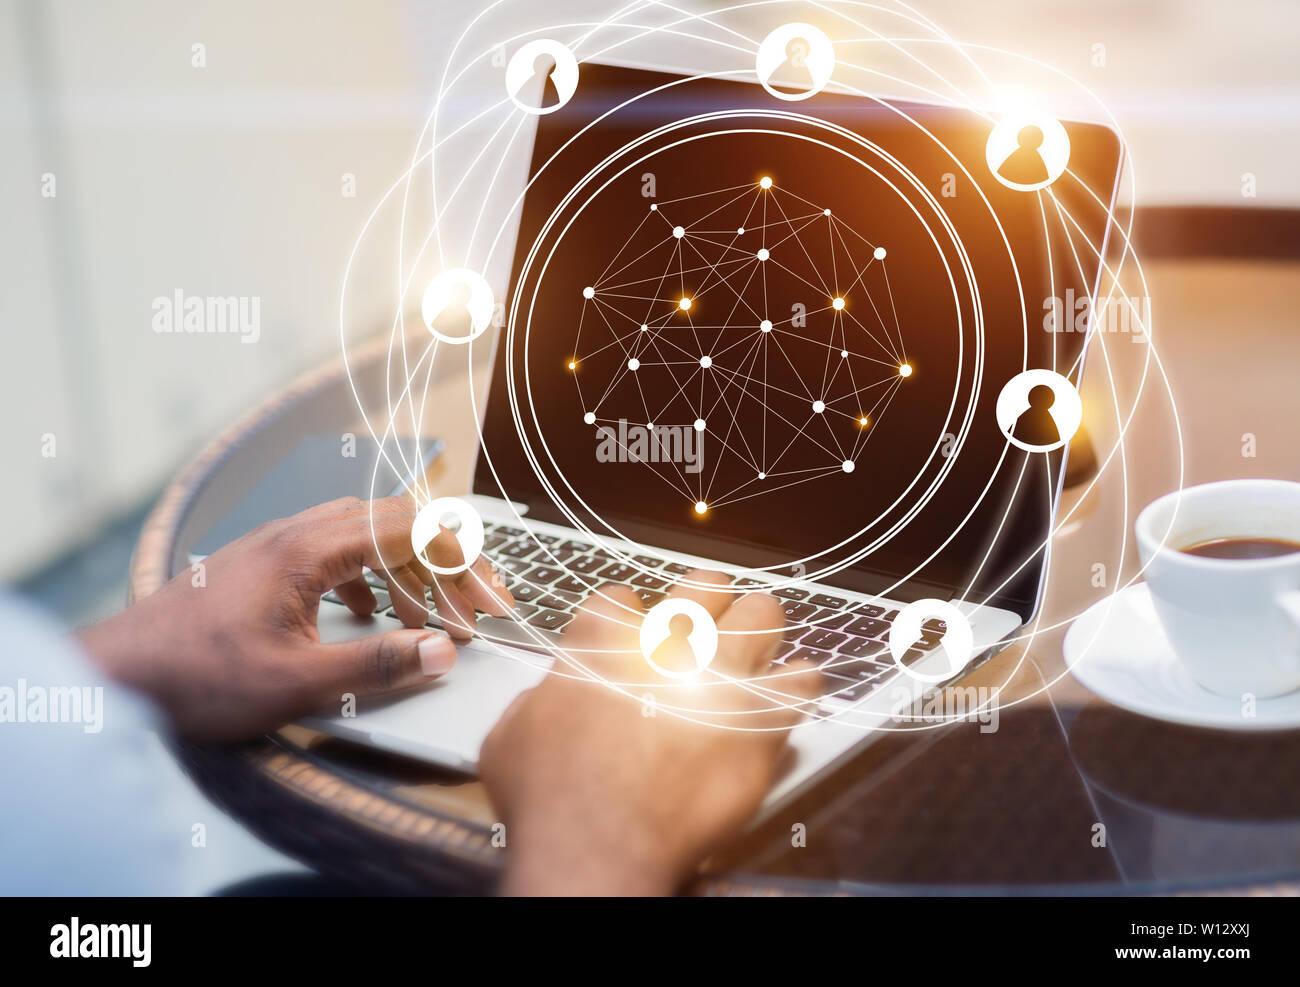 Réseau social avec hologramme businessman working on laptop Banque D'Images